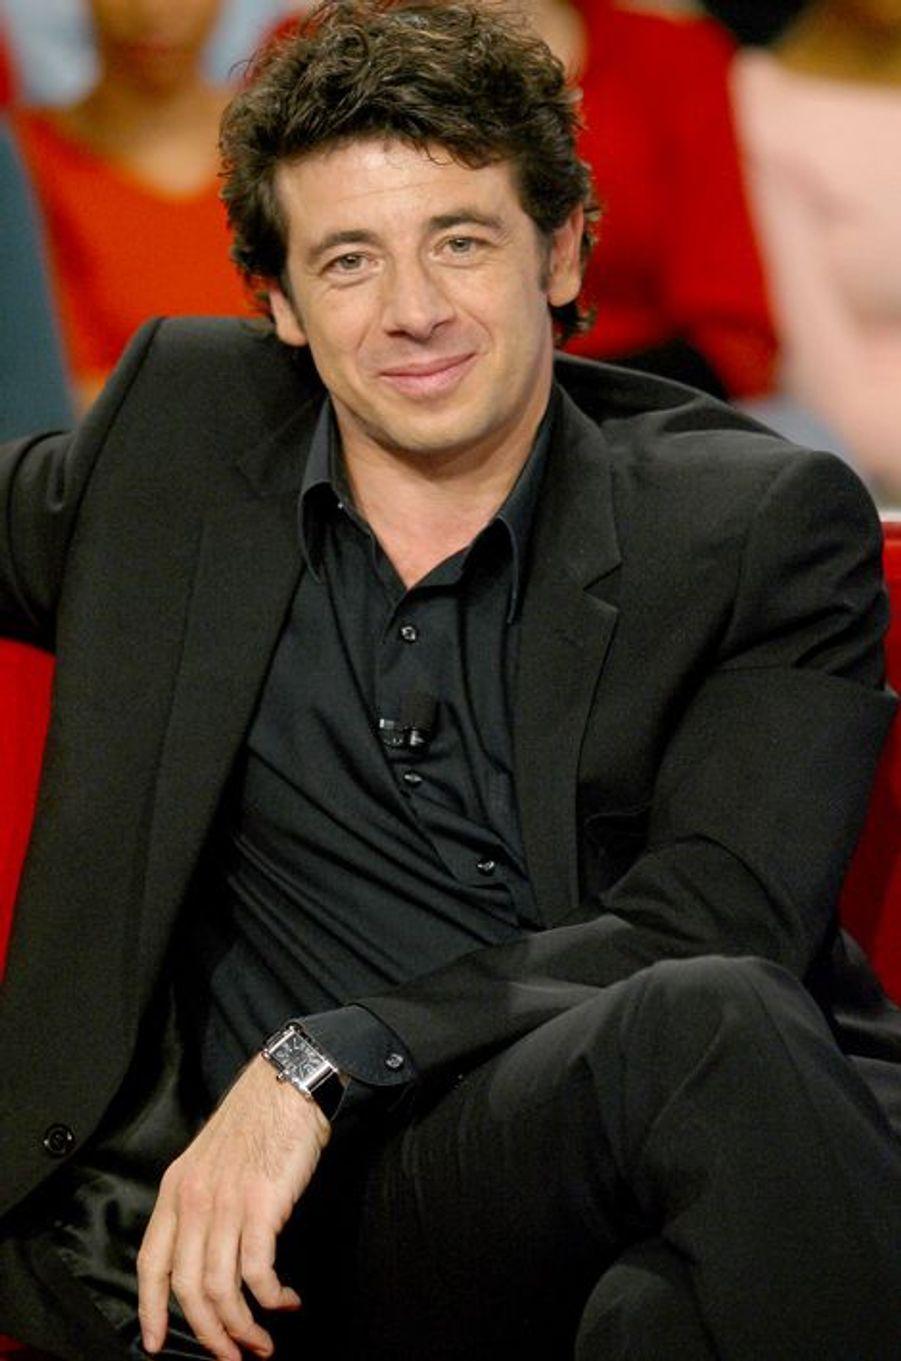 Patrick Bruel à Paris le 3 mars 2004.